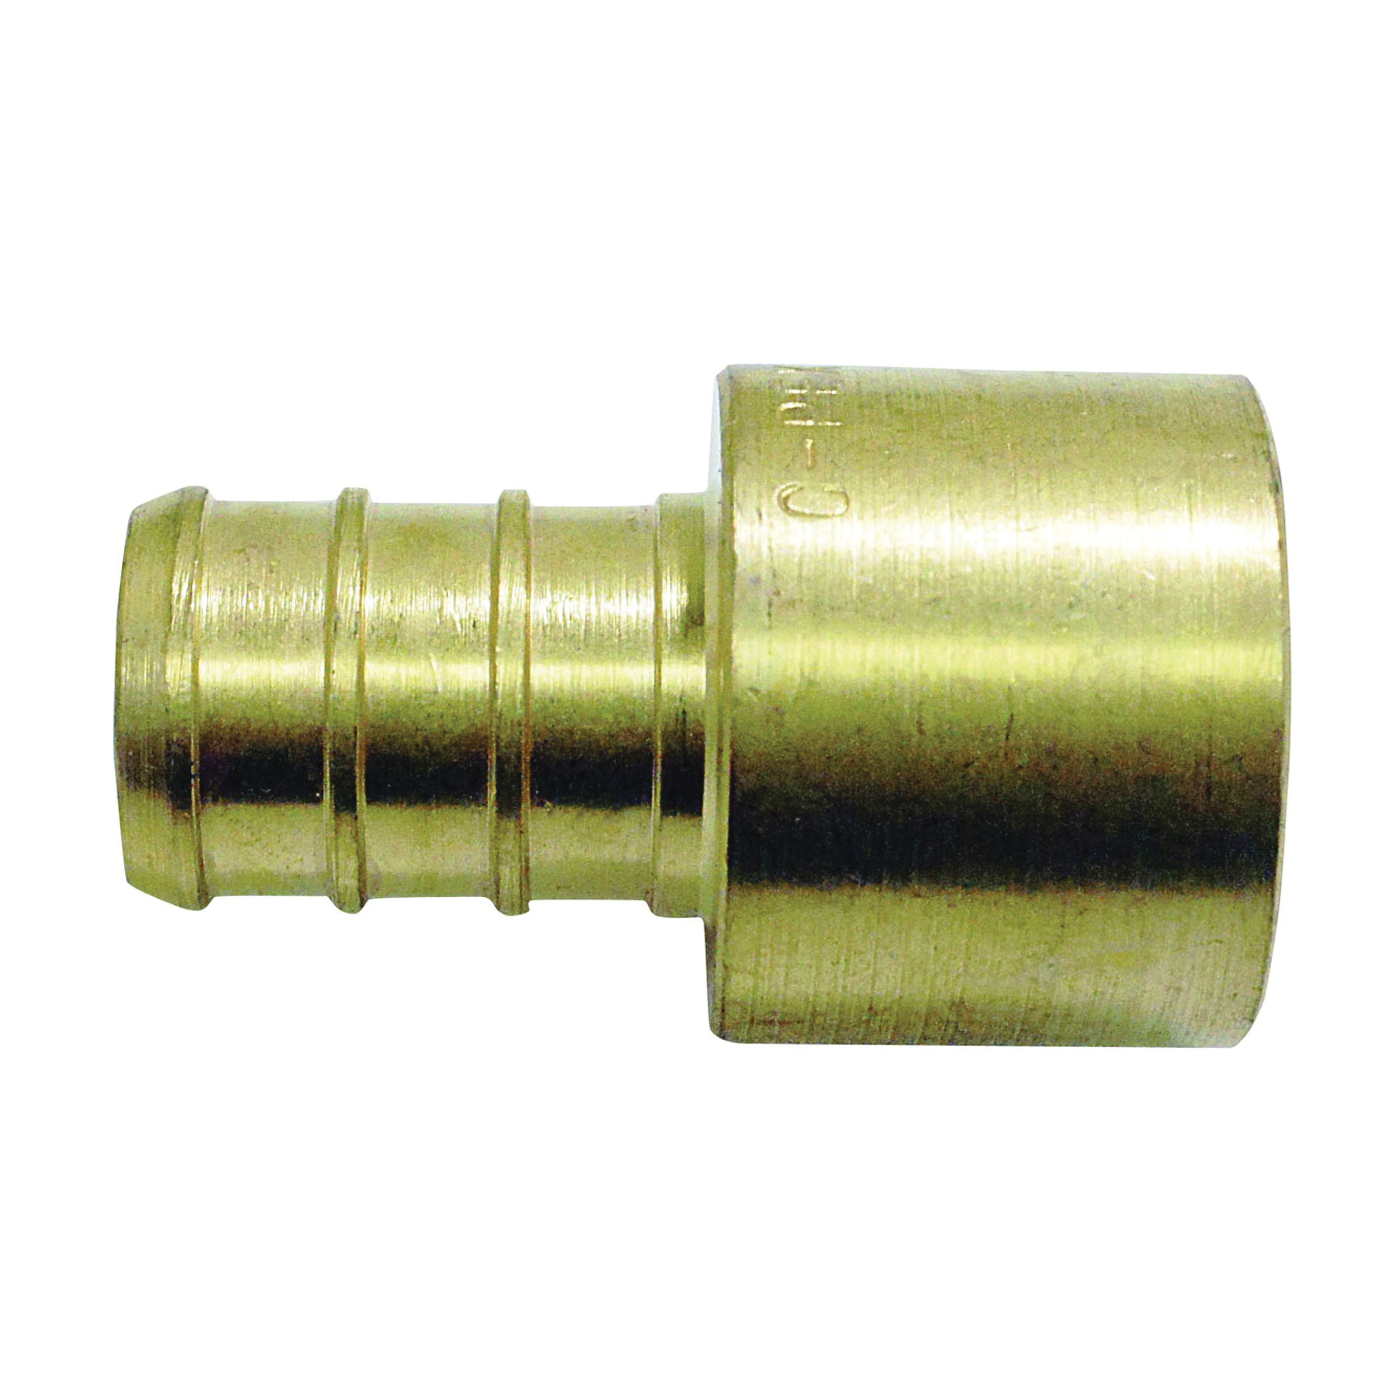 Picture of Apollo APXFS3434 Pipe Adapter, 3/4 in, PEX x Female Solder, Brass, 200 psi Pressure